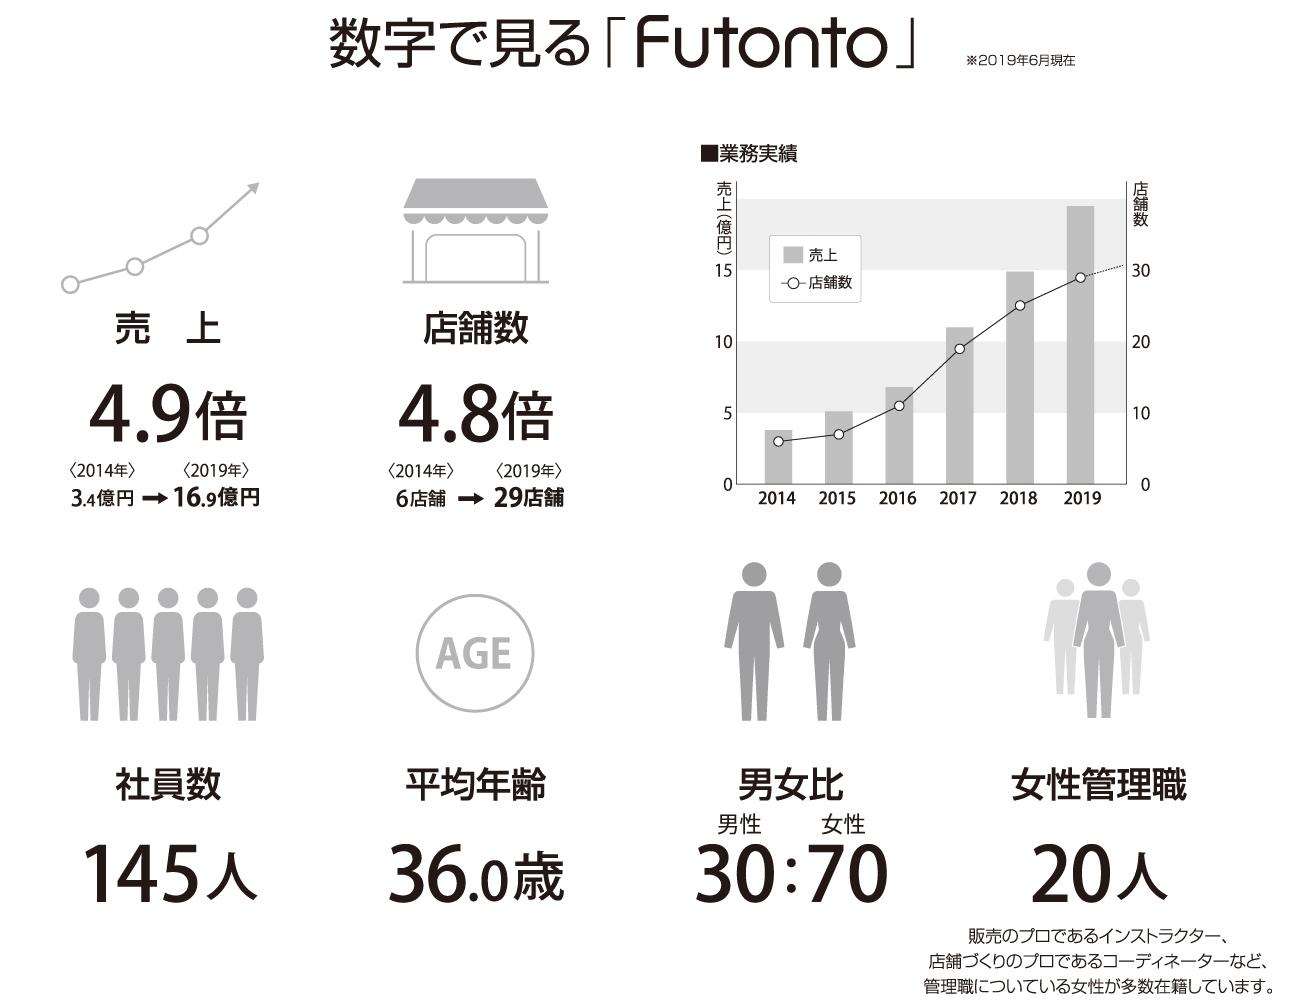 数字で見るFutonto株式会社